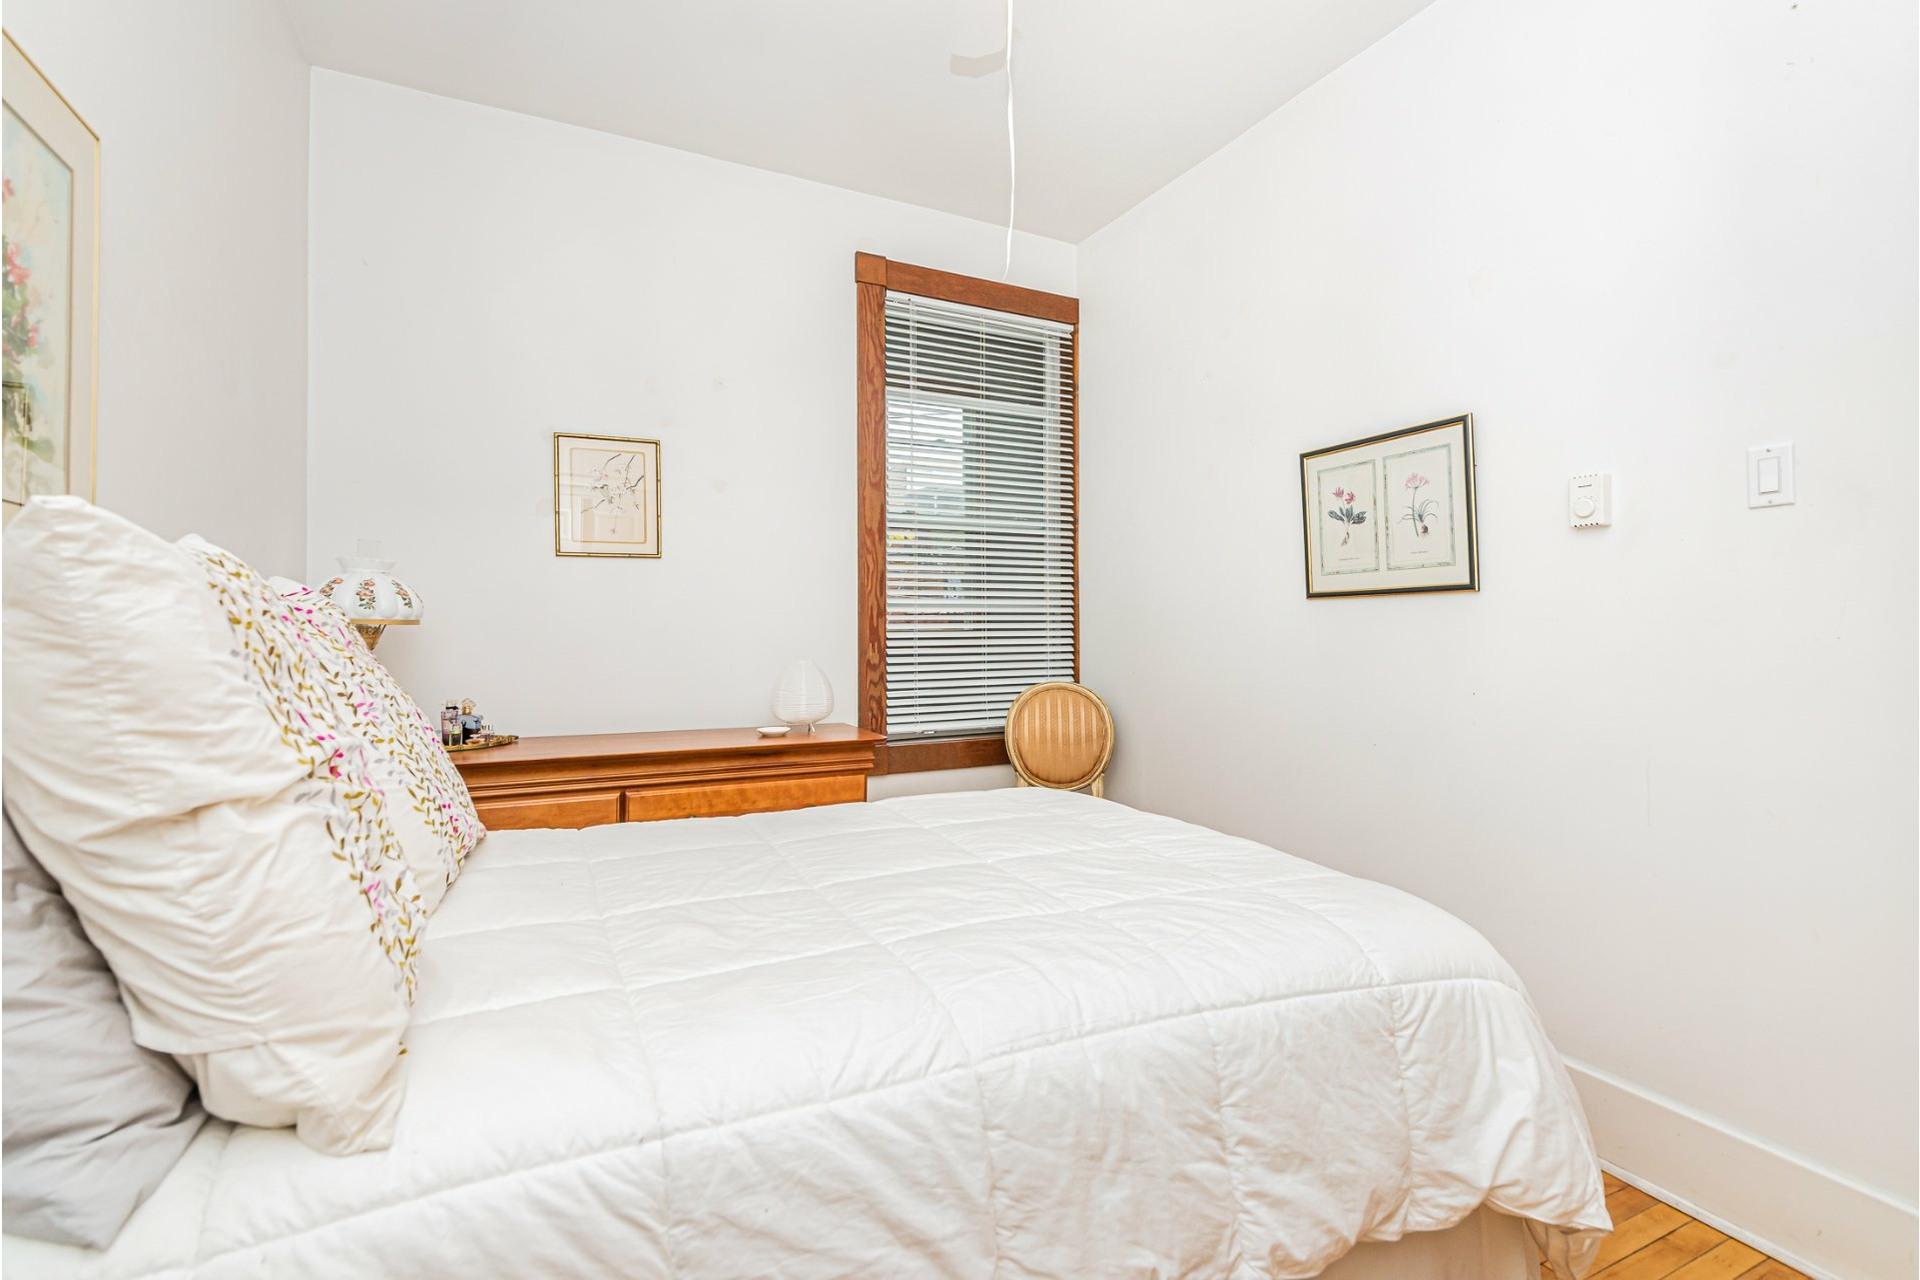 image 41 - Duplex À vendre Côte-des-Neiges/Notre-Dame-de-Grâce Montréal  - 5 pièces